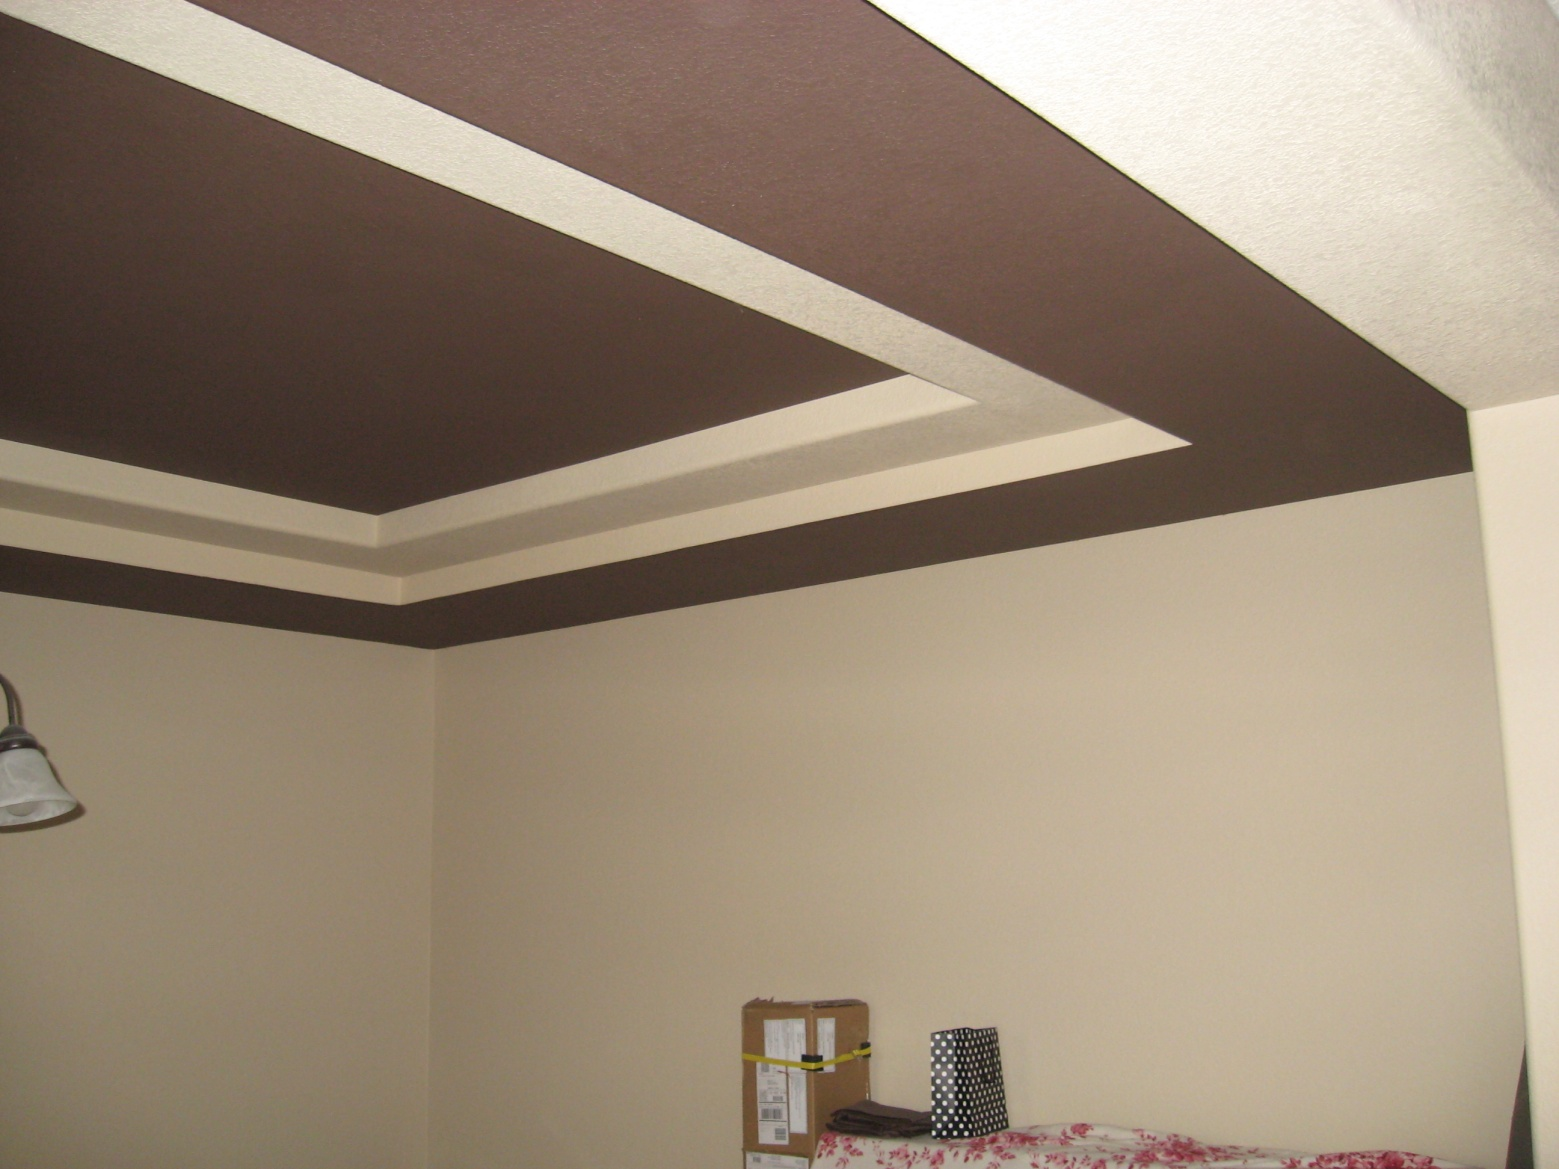 Реечные алюминиевые потолки на кухне фото отогните